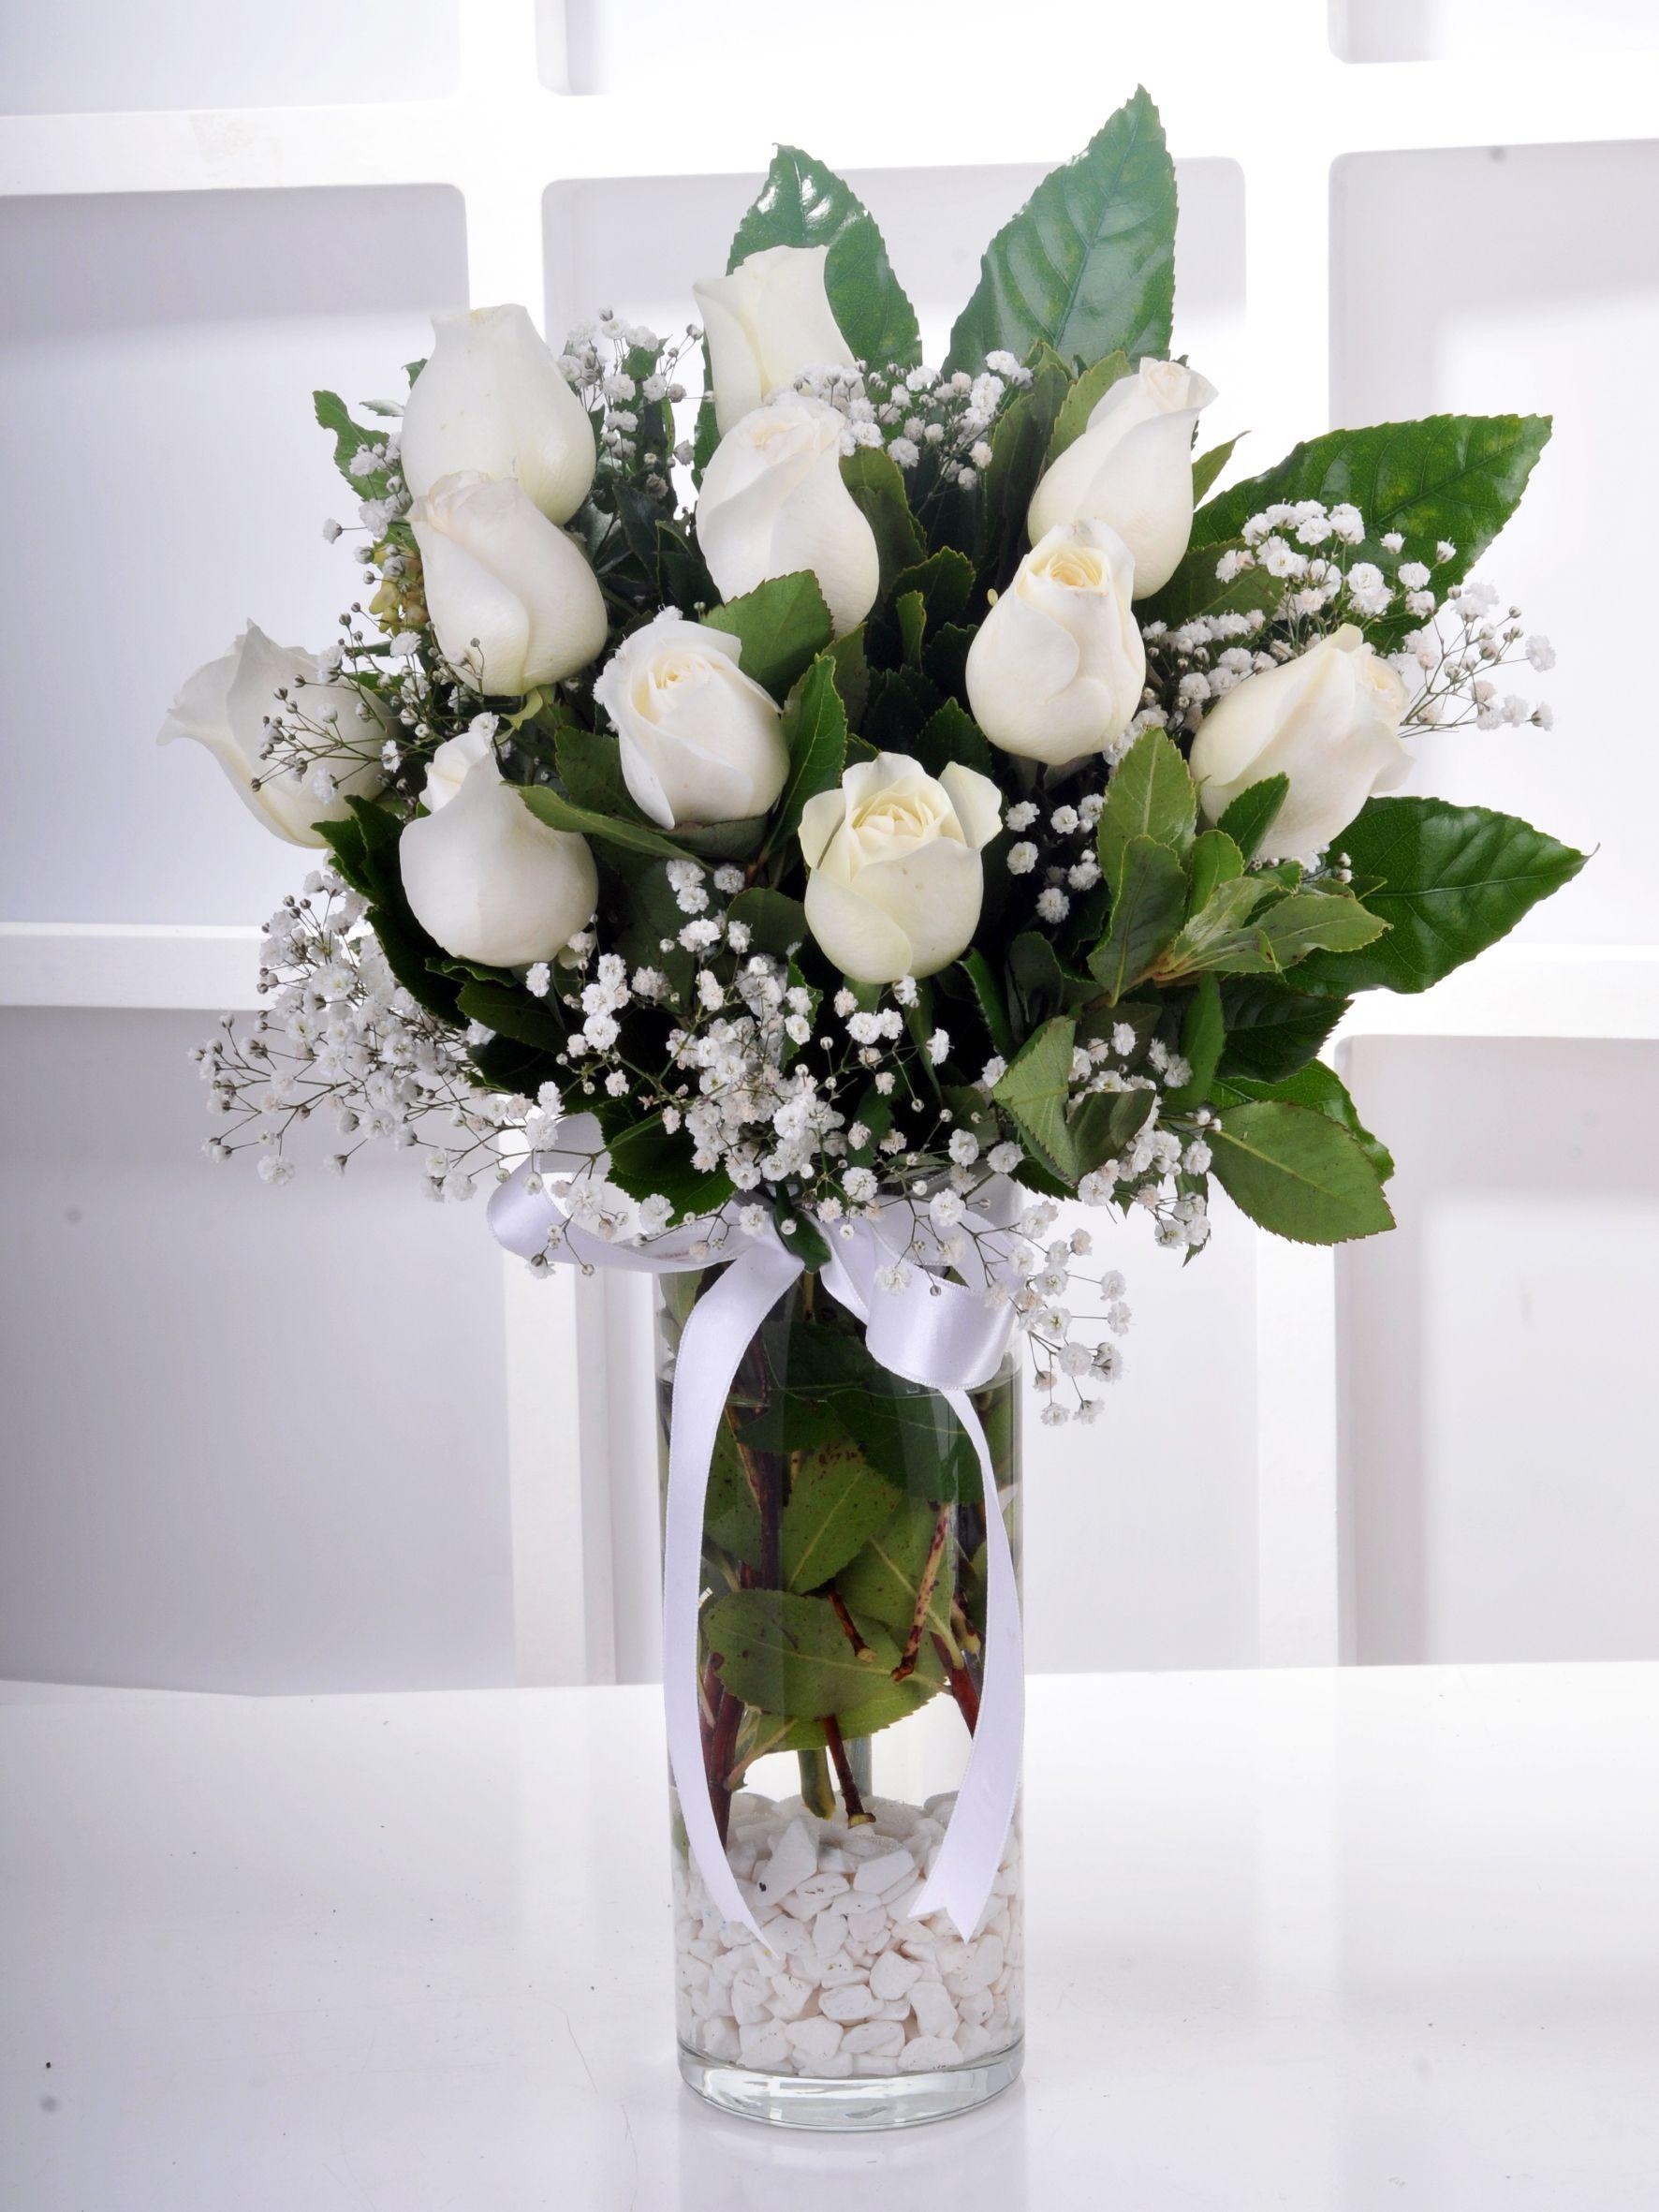 Vazoda 11 Beyaz Gül Aranjmanlar çiçek gönder